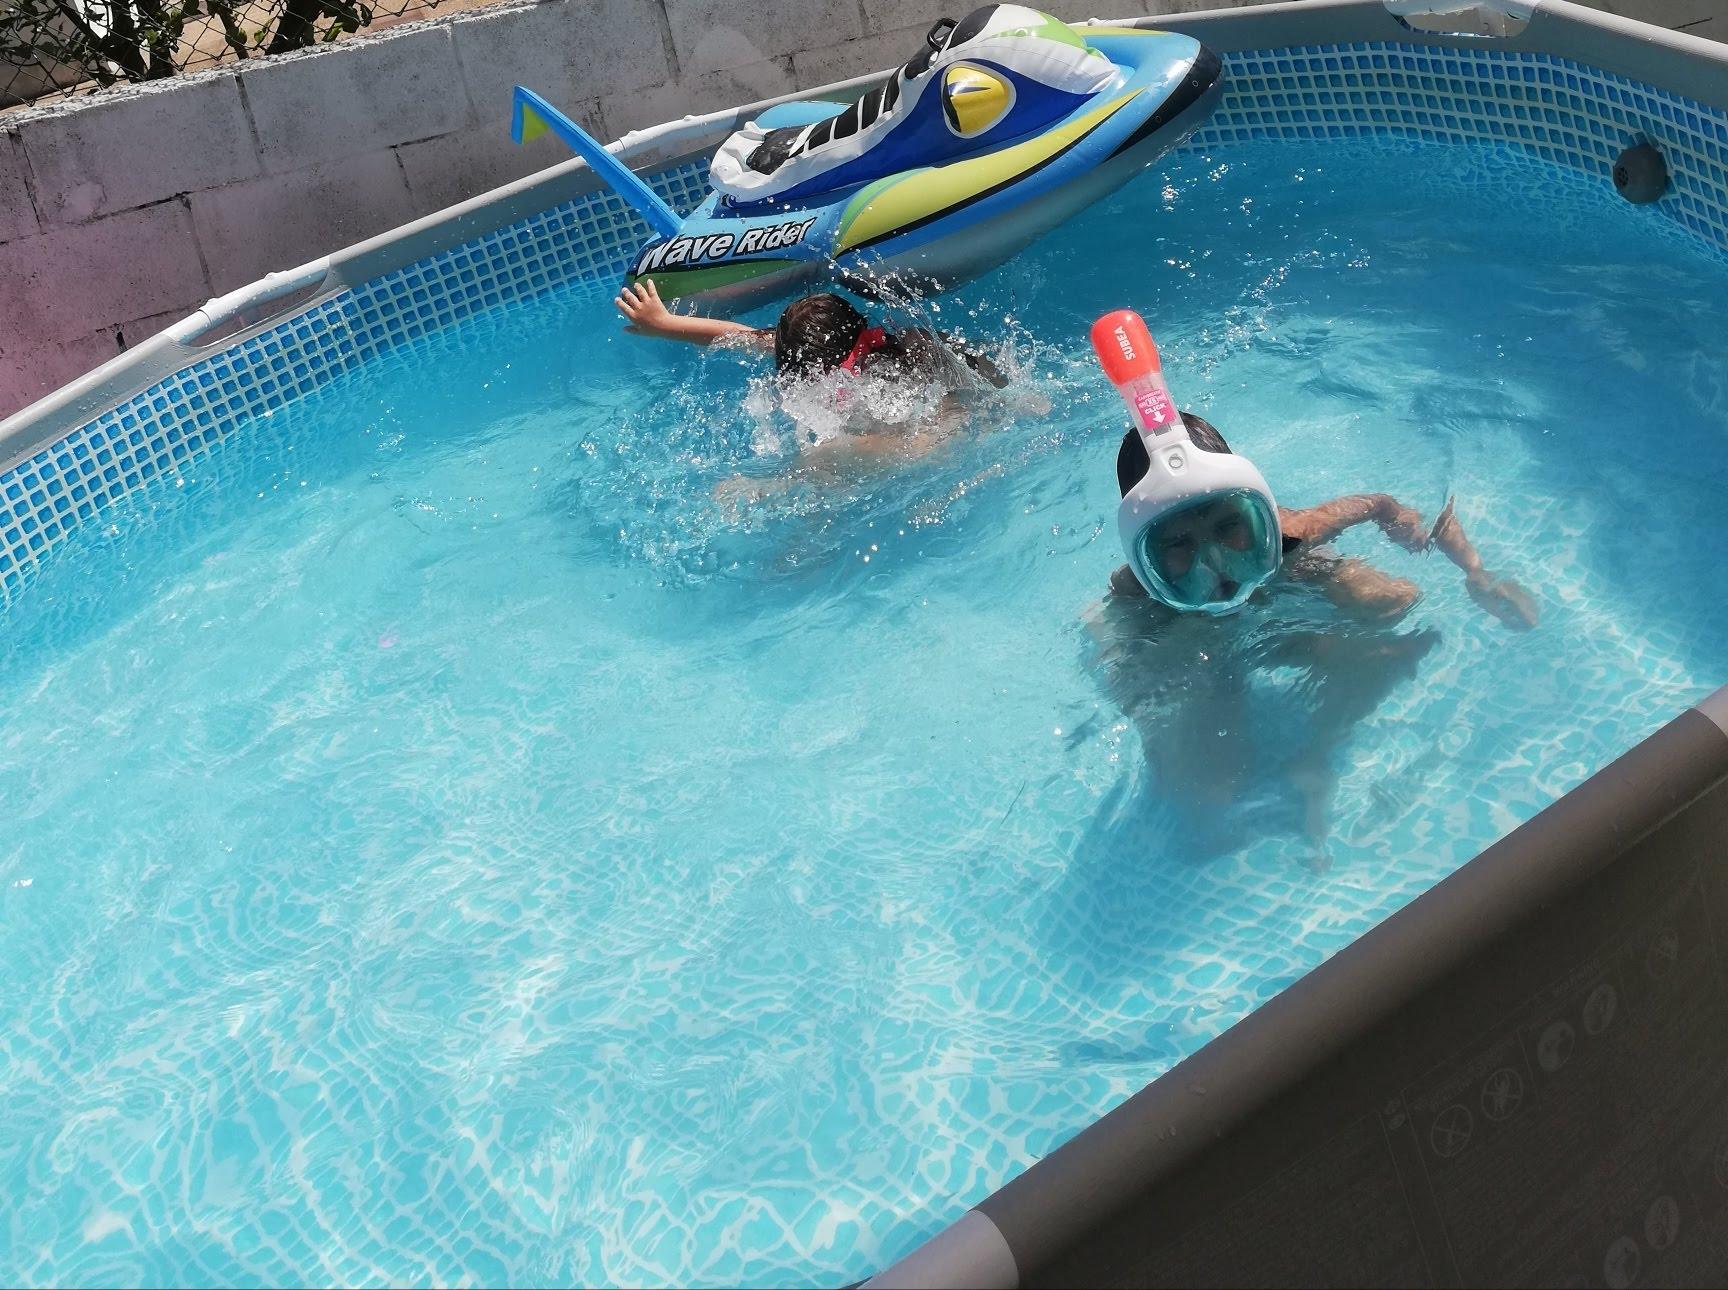 nietos de abuela a la ultima en la piscina